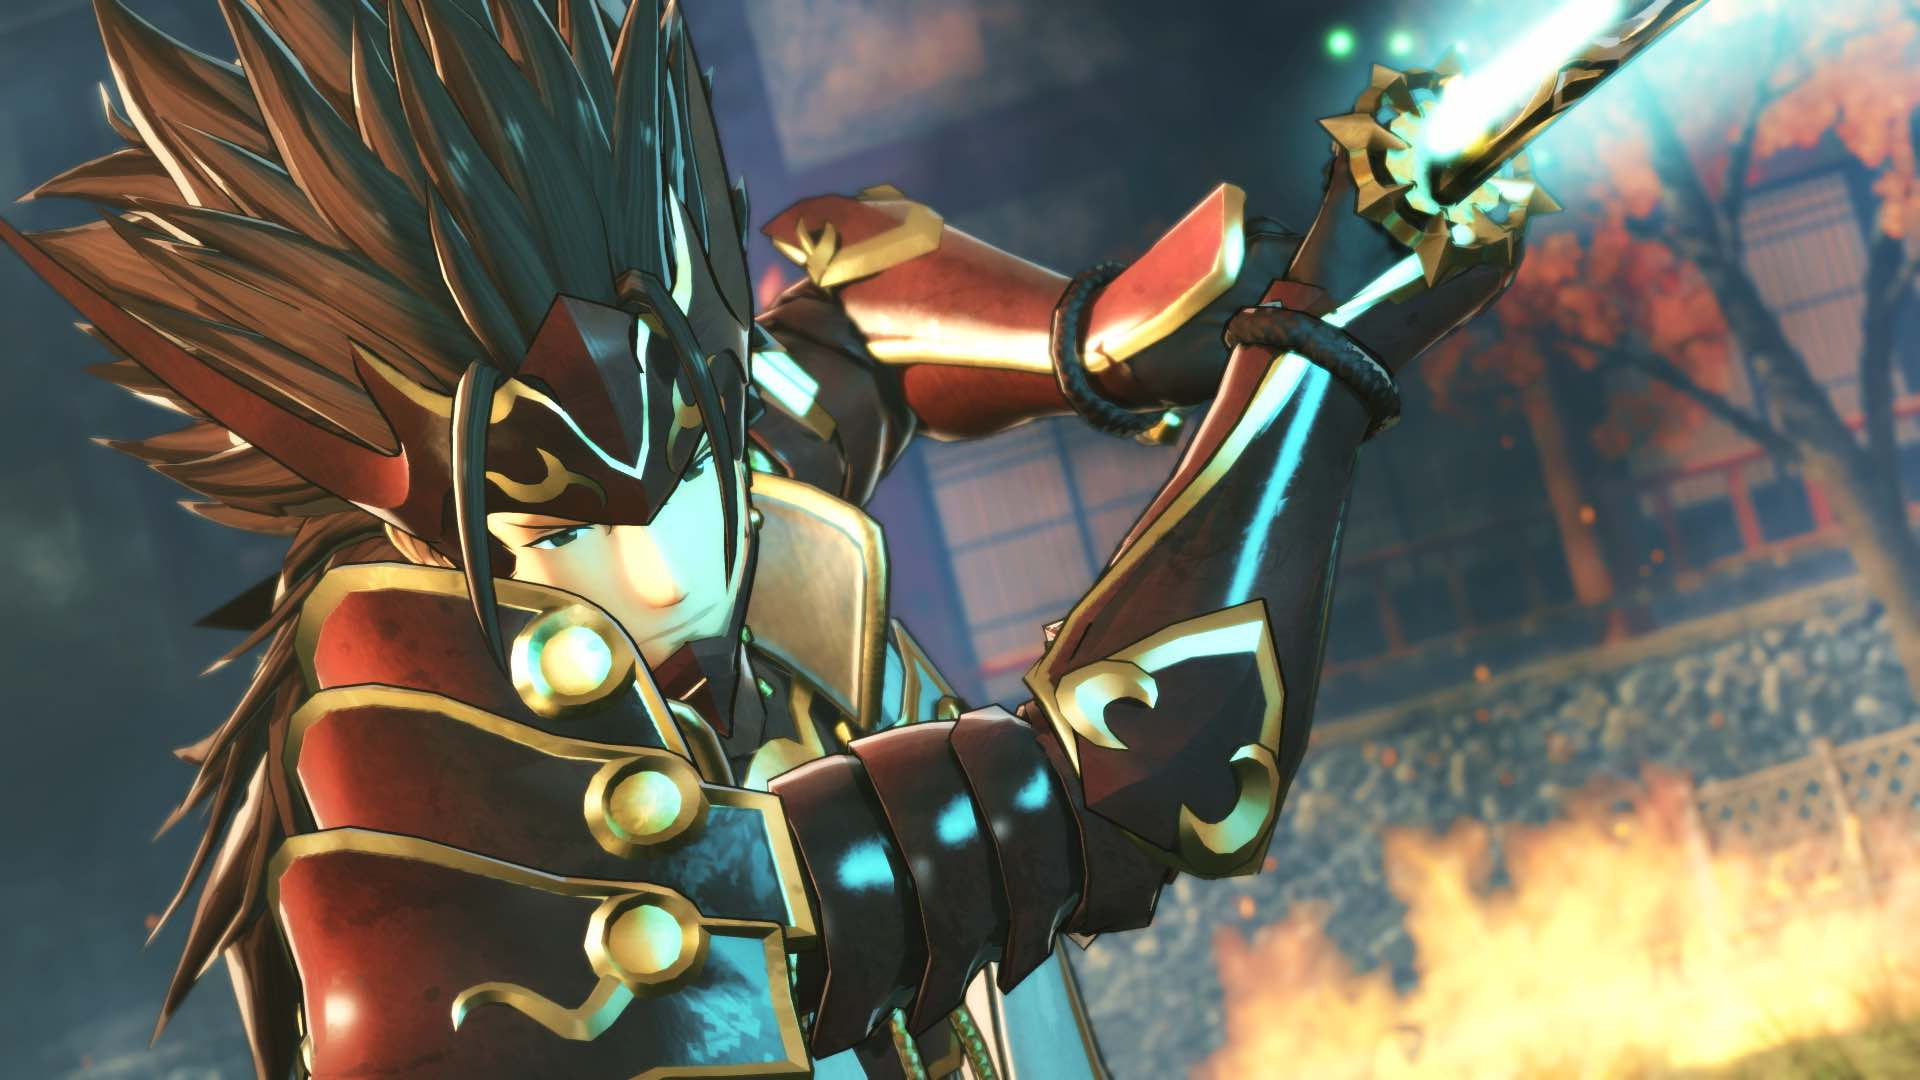 fire-emblem-warriors-e3-2017-screenshot-6